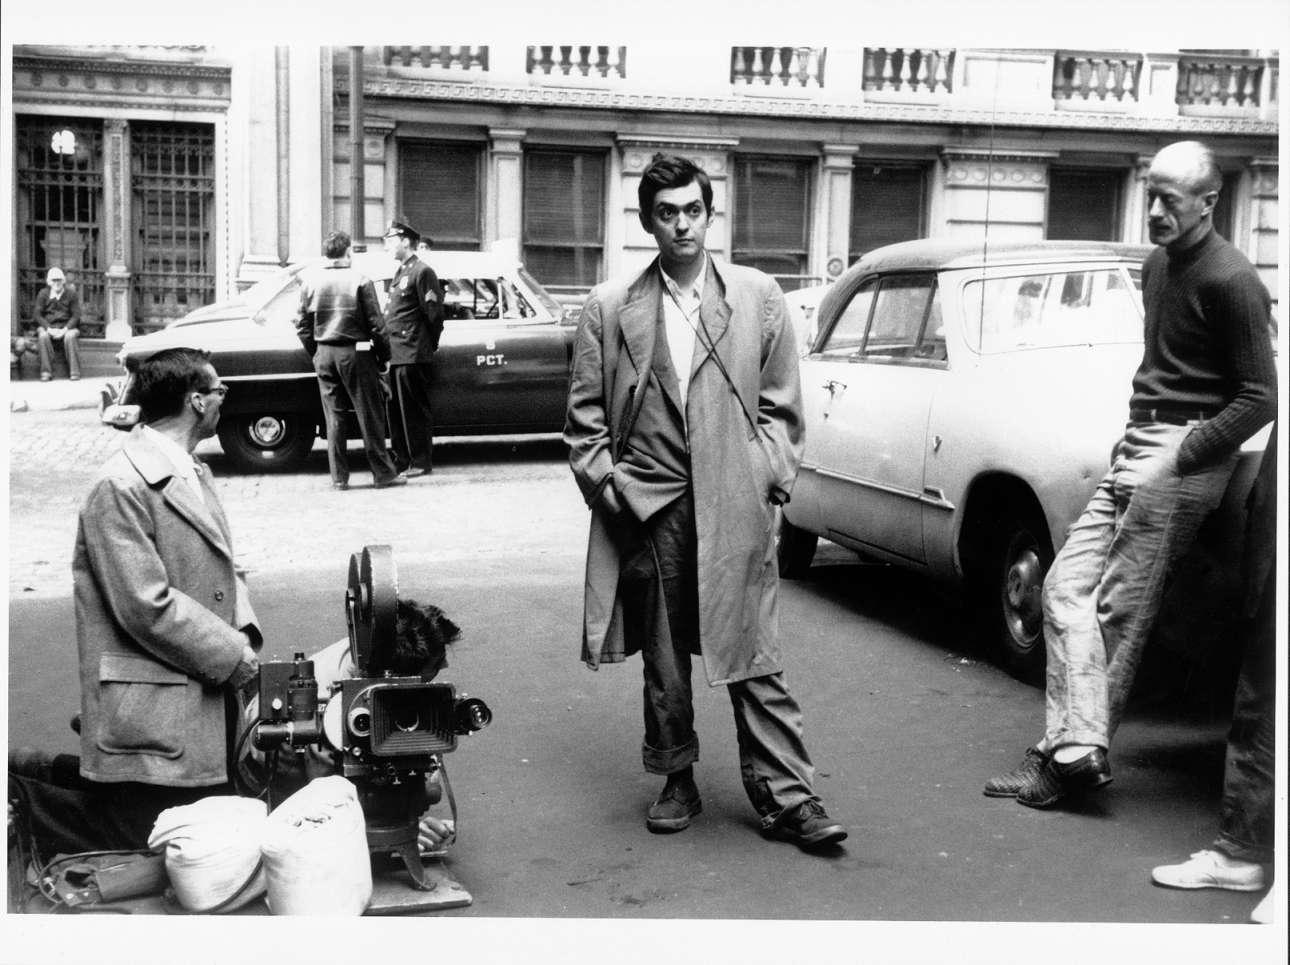 Ενας νεαρός Κιούμπρικ στη Νέα Υόρκη για τα γυρίσματα της ταινίας «Killer's Kiss», το 1955